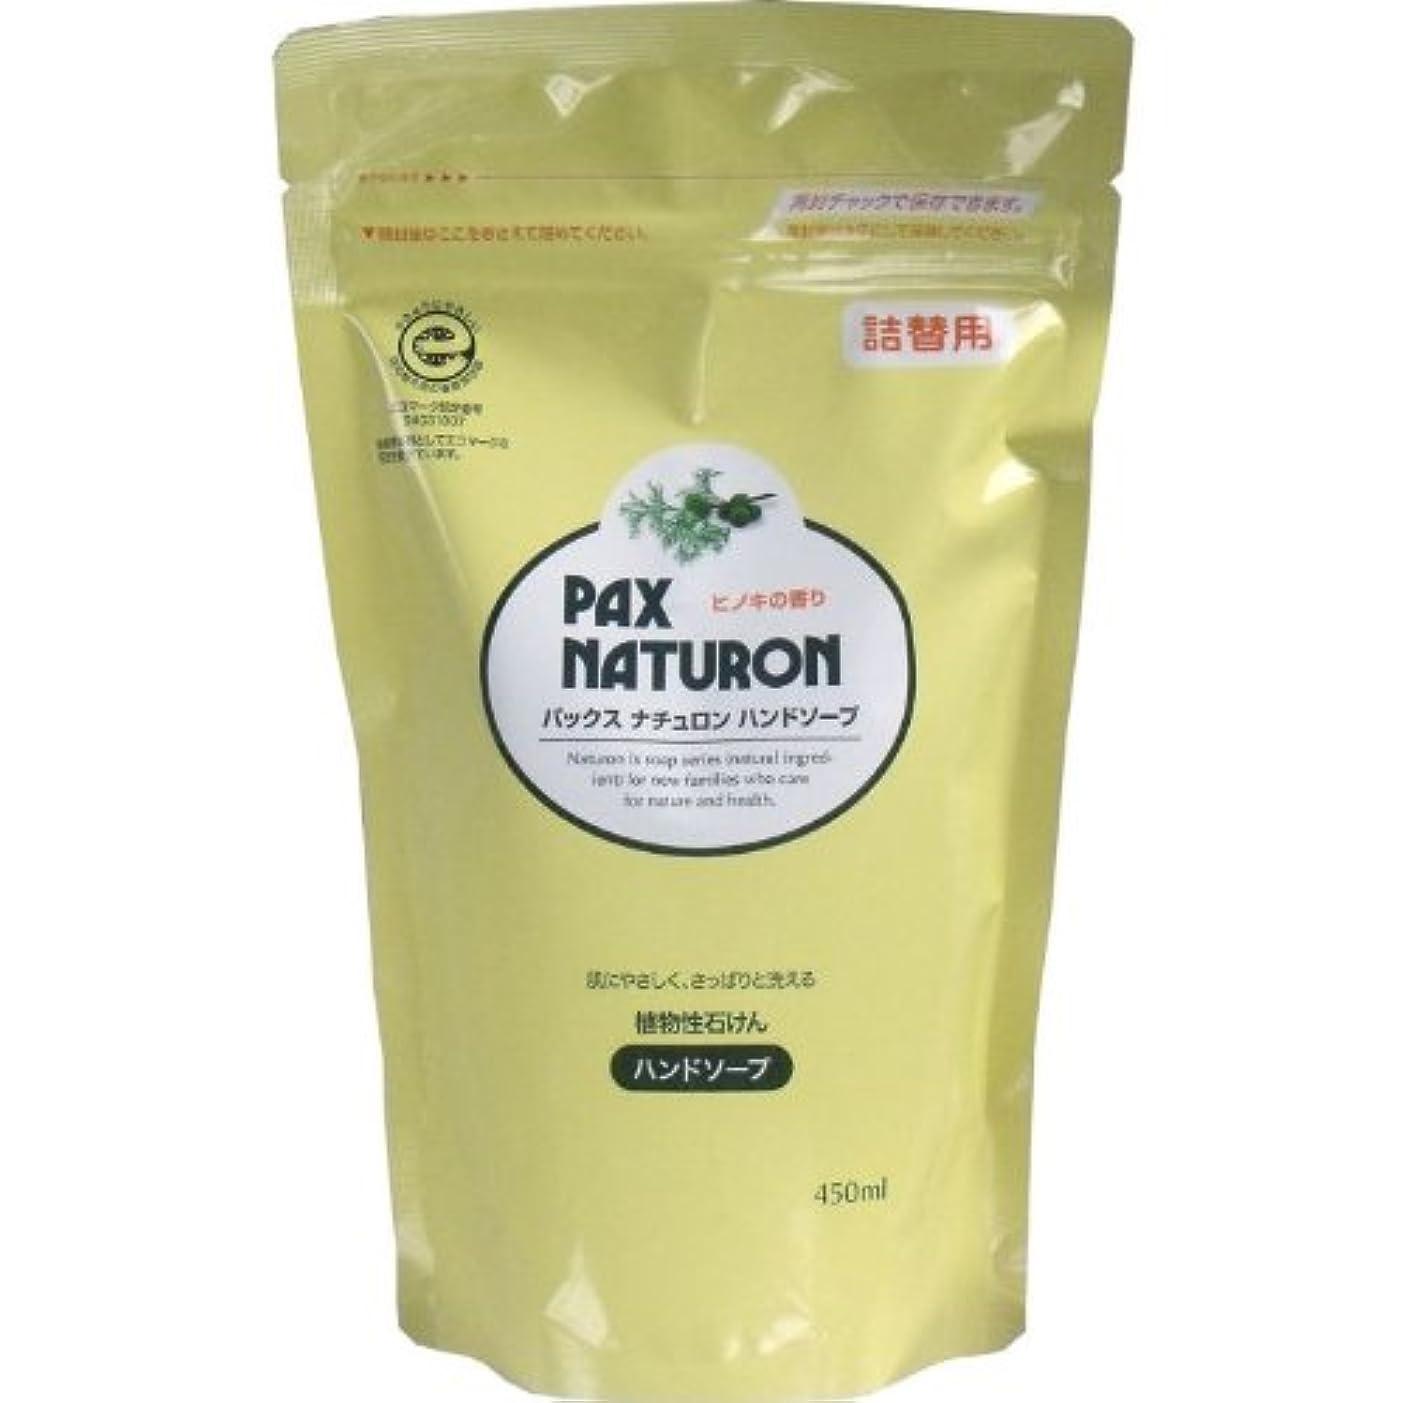 アルカイックステートメントテクニカル肌にやさしく、さっぱりと洗える植物性石けん!植物性ハンドソープ 詰替用 450mL【2個セット】